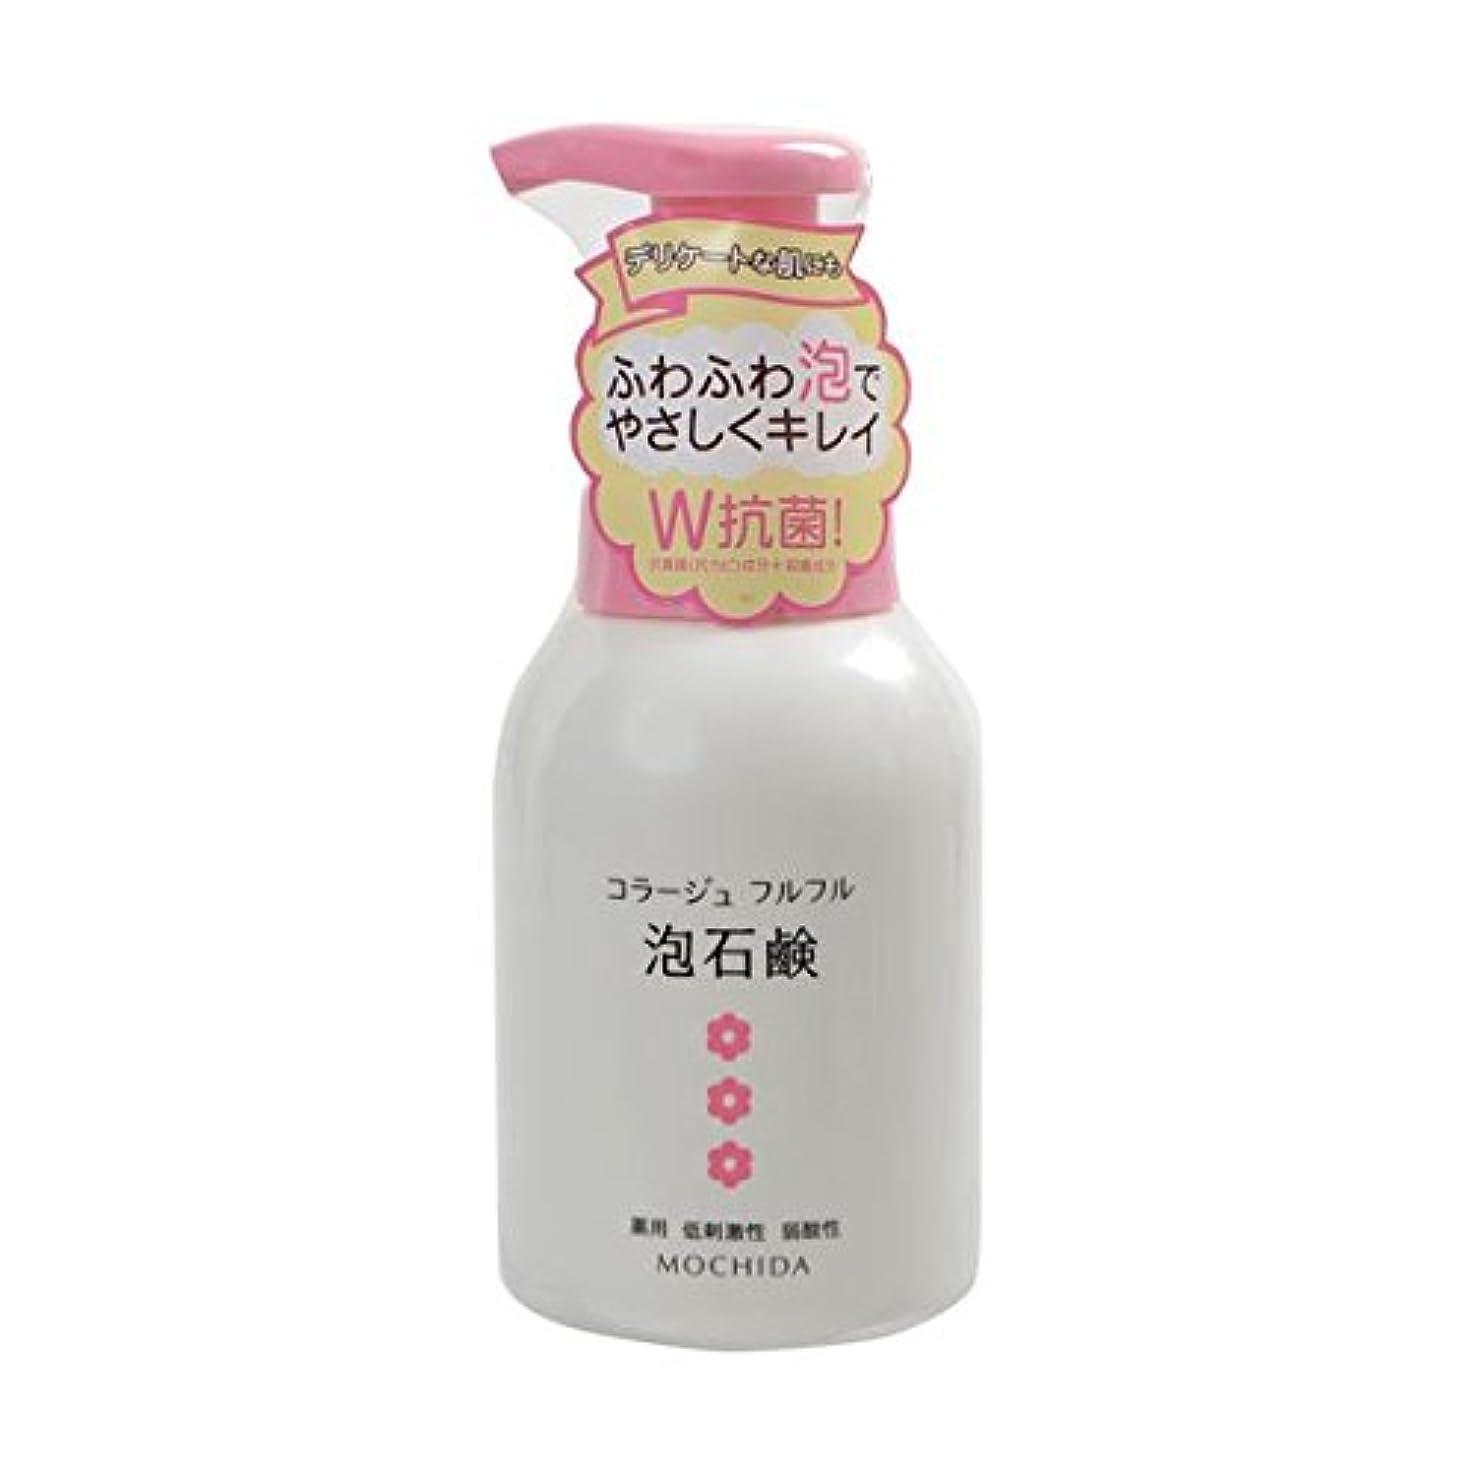 ブロックする騒乱損失【まとめ買い】コラージュフルフル 泡石鹸 ピンク 300mL×3個セット(医薬部外品)